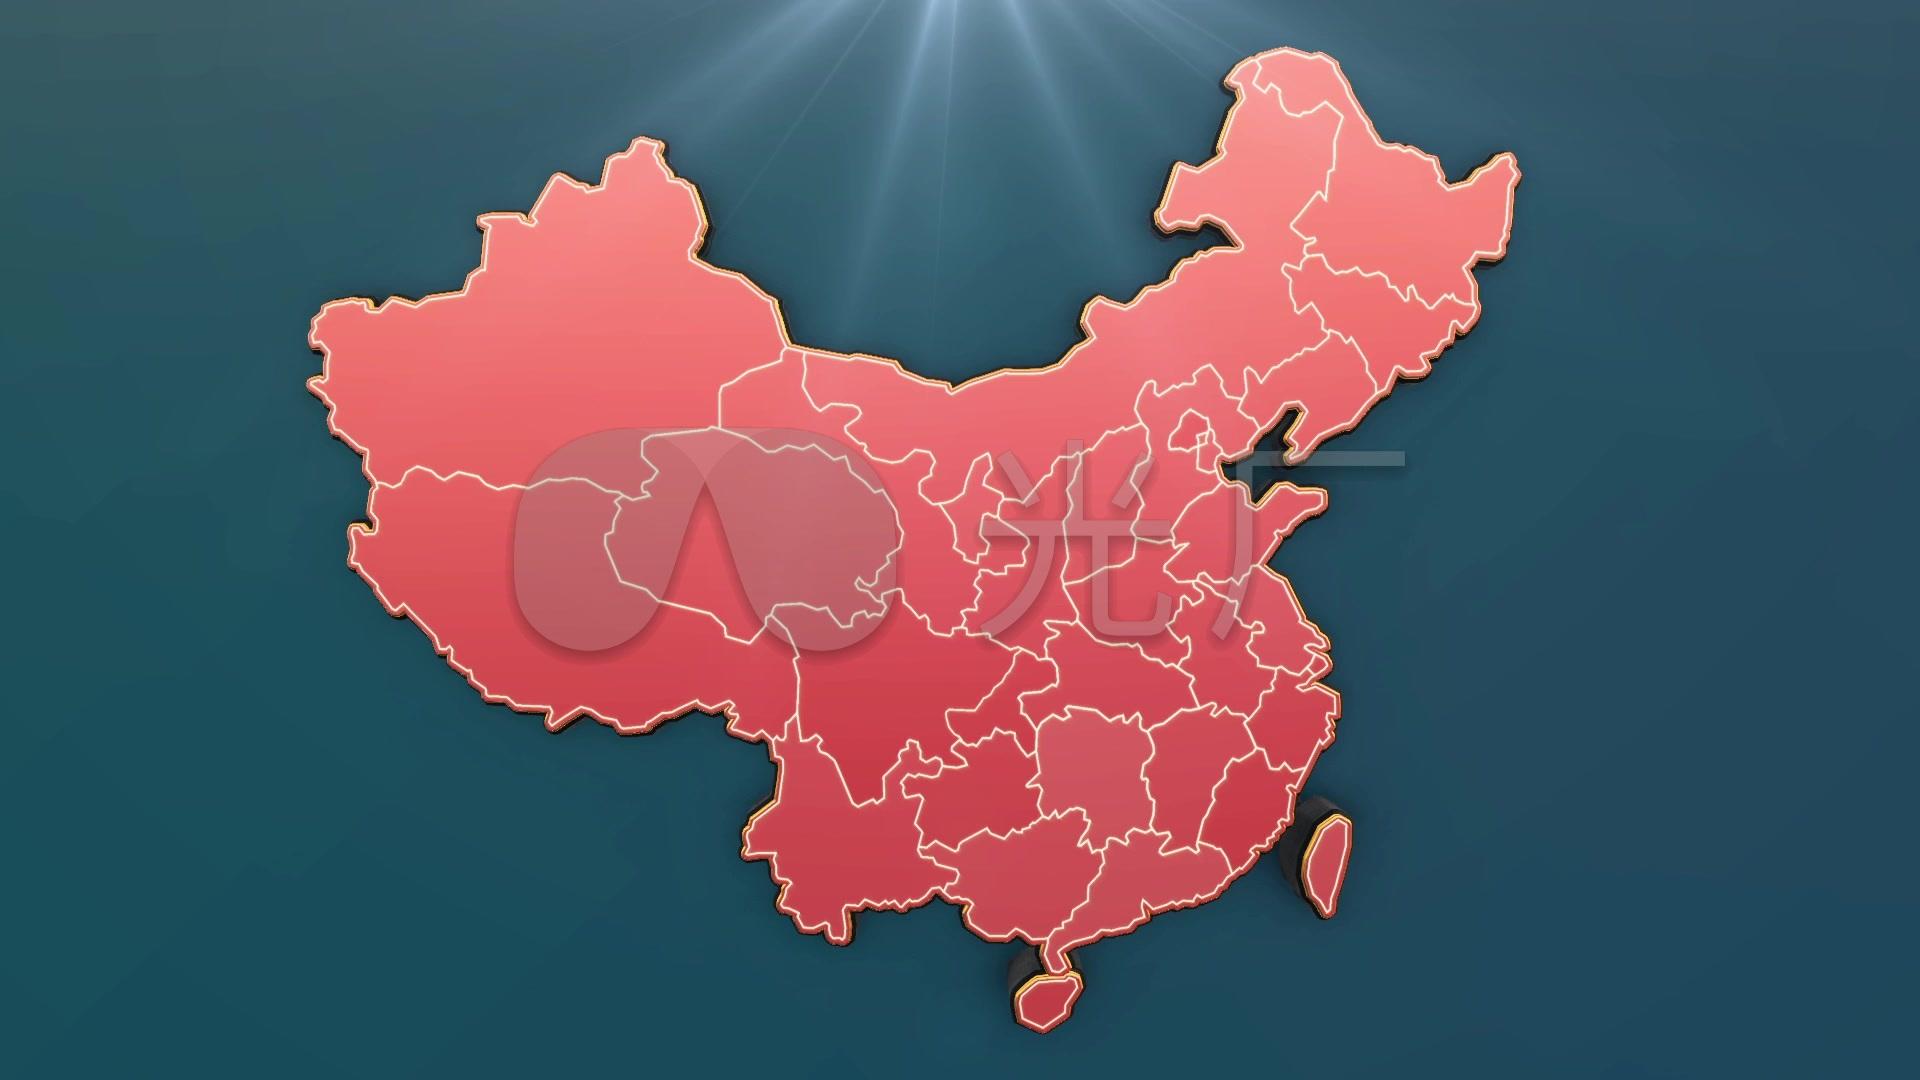 中国矢量地图_双川掌纹的男人命运如何